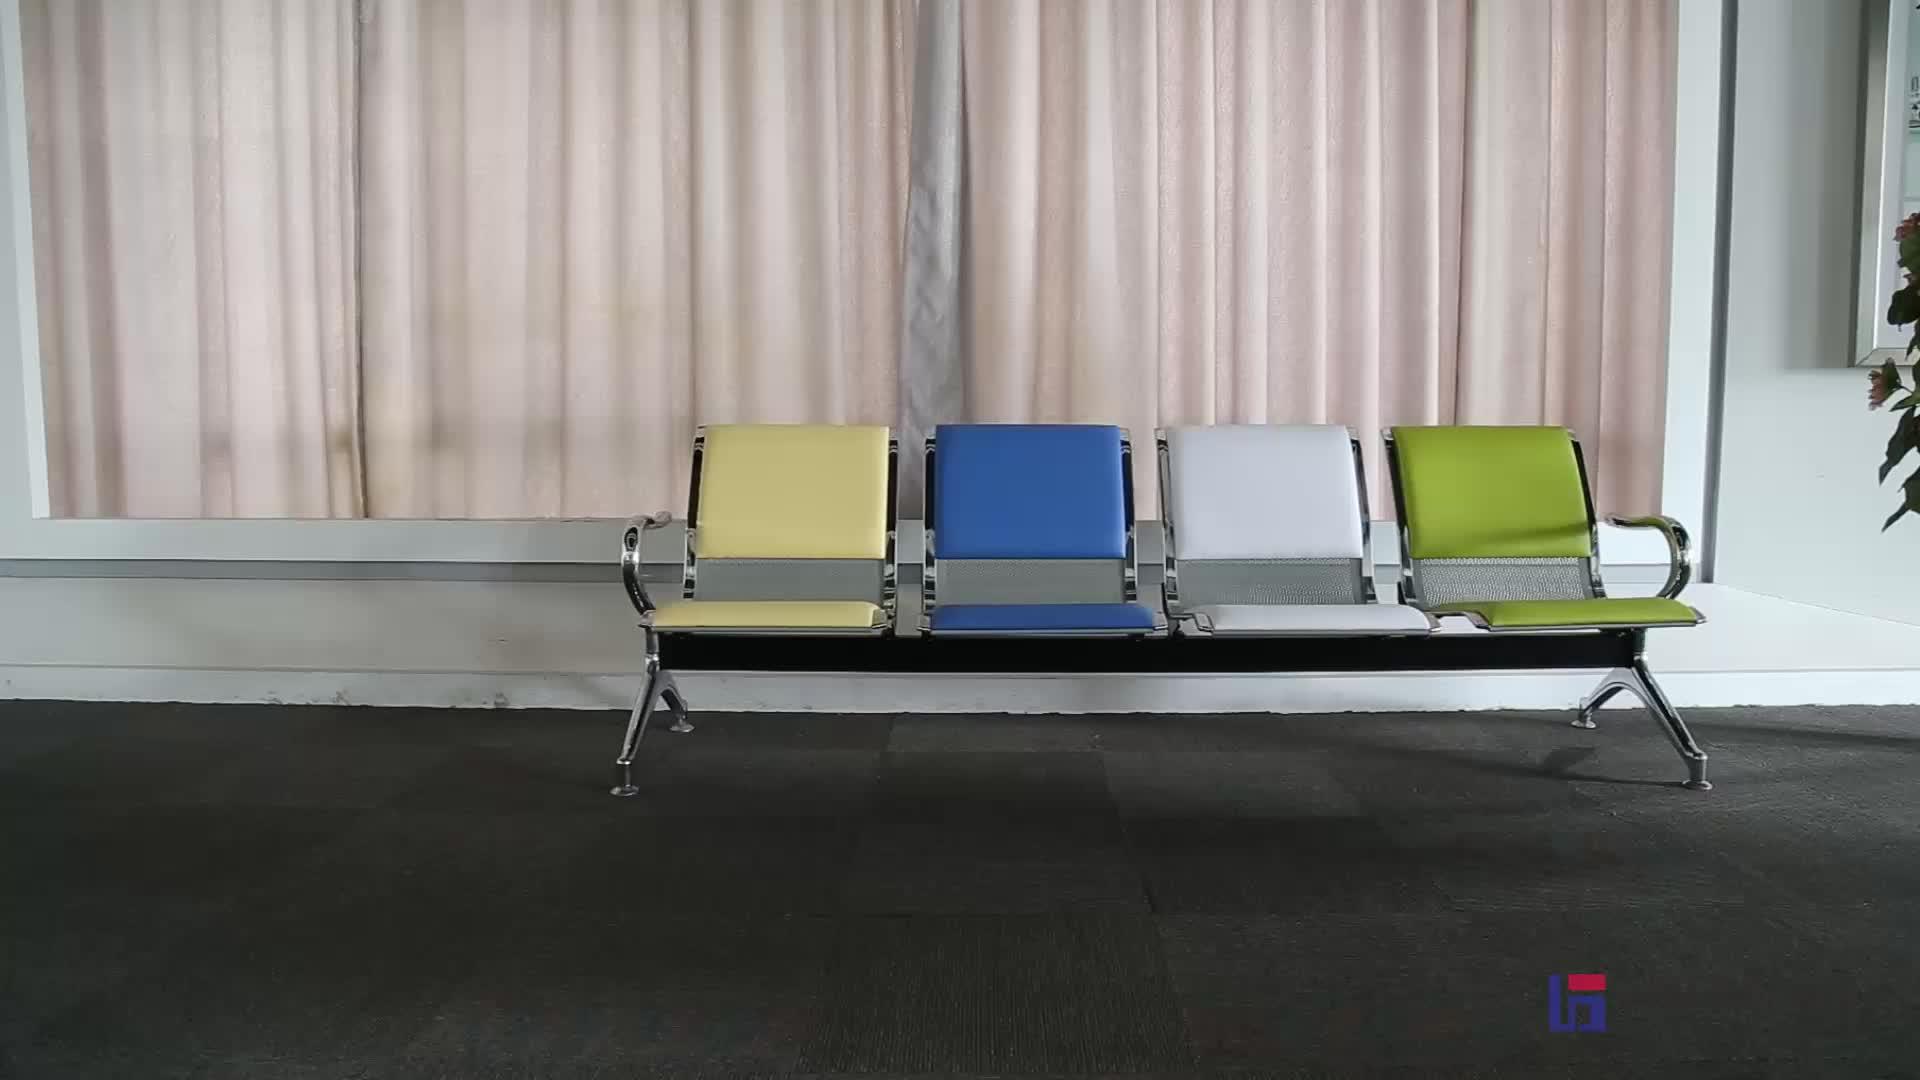 A buon mercato in acciaio in attesa sedie della sala per l'aeroporto ospedale ufficio panchina in attesa sedia fila